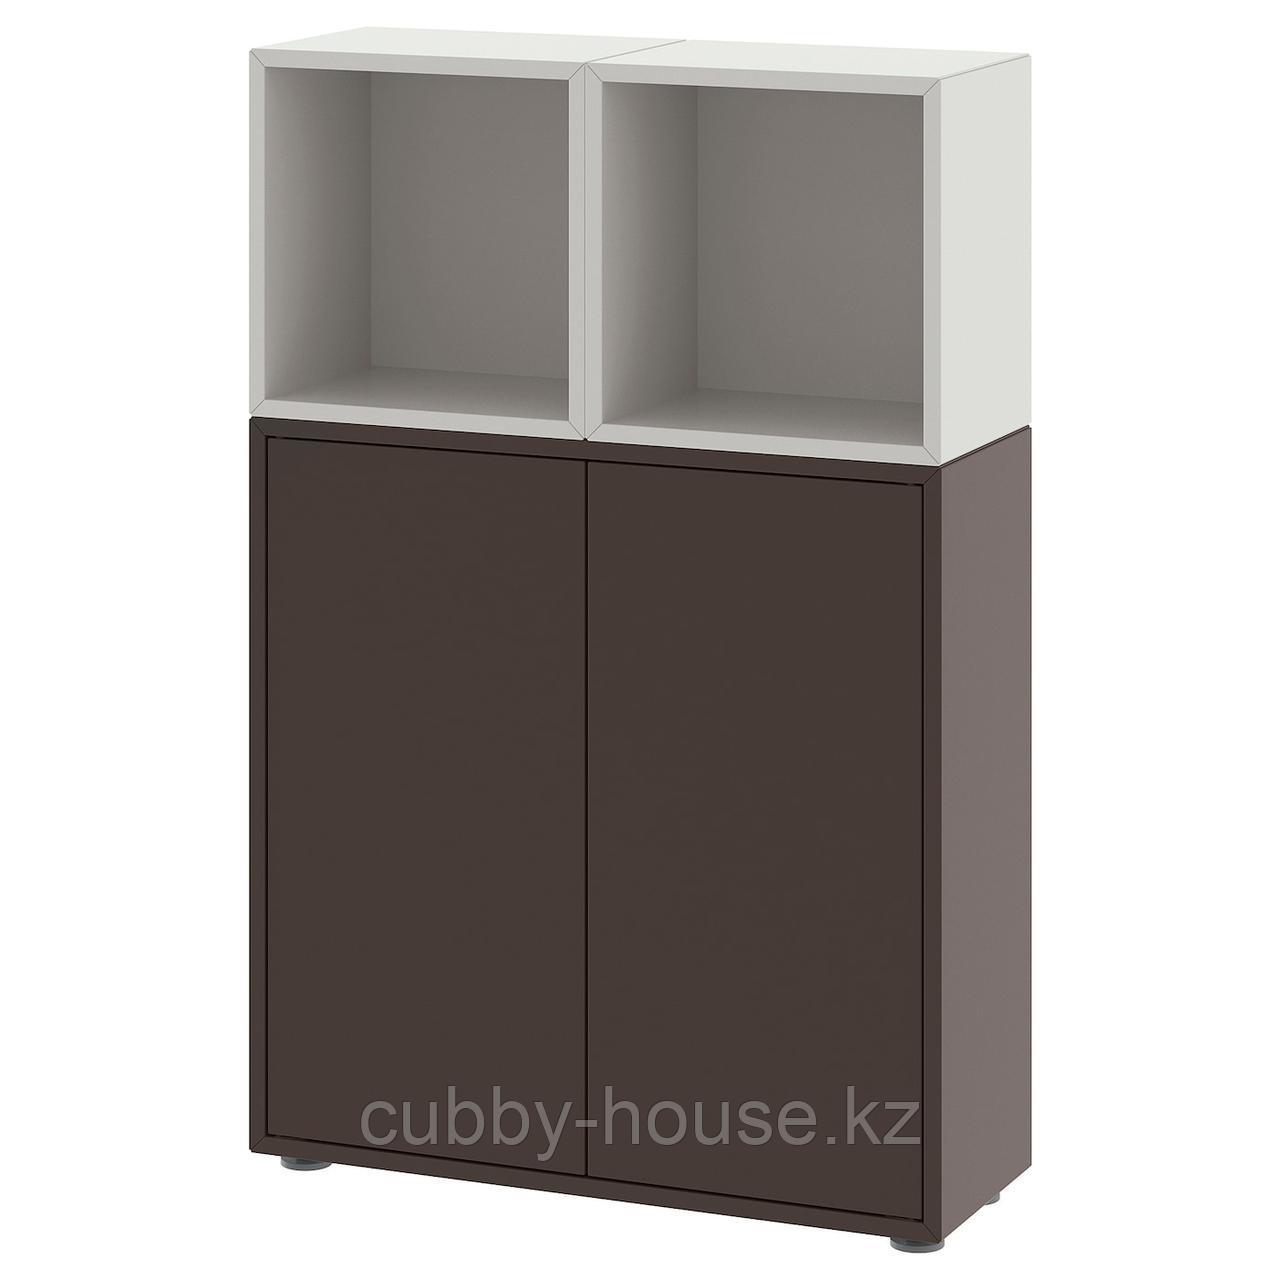 ЭКЕТ Комбинация шкафов с ножками, белый, под беленый дуб, 70x25x107 см